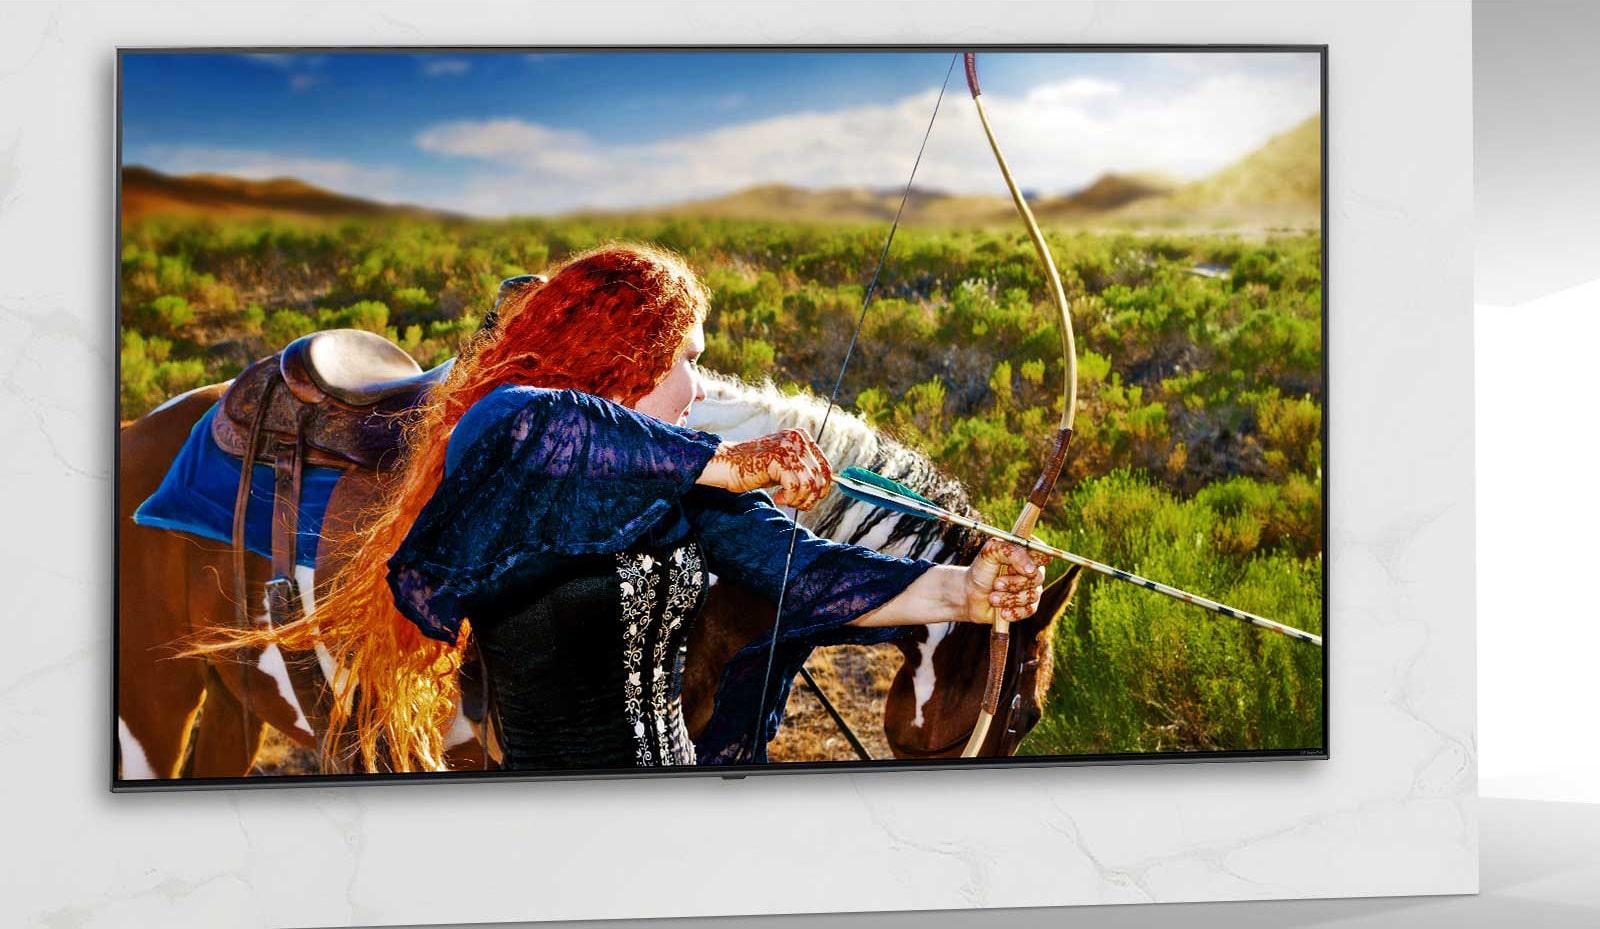 Zaslon televizora prikazuje scenu iz SF-filma sa ženom koja ispaljuje strijelu iz luka